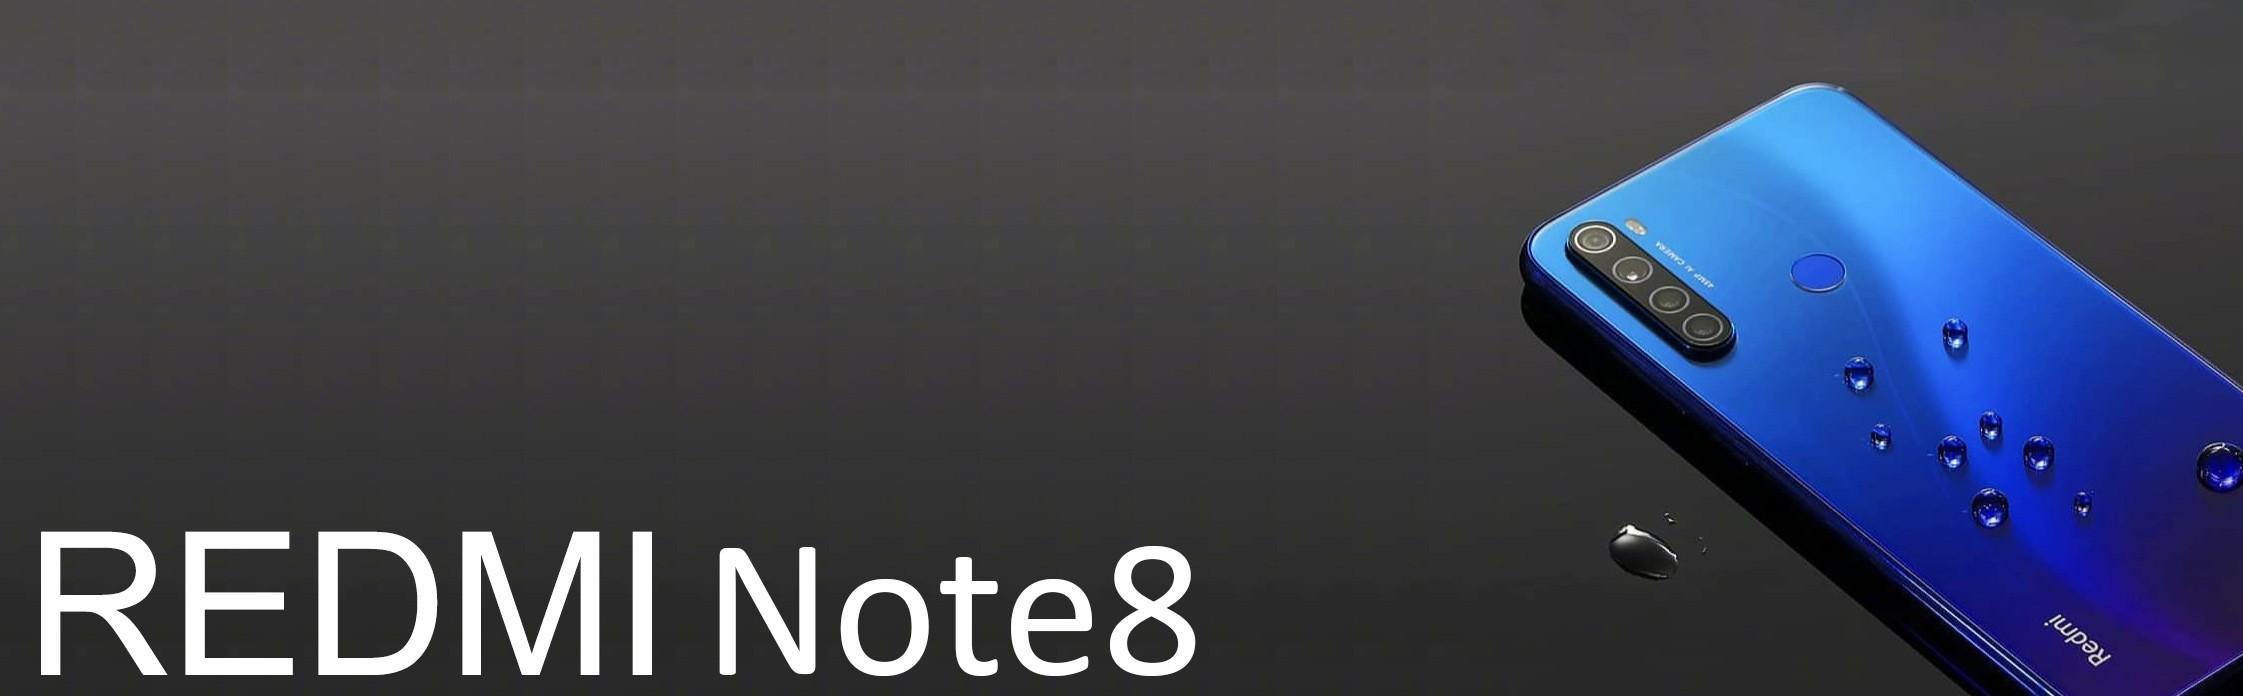 Istruzioni Redmi Note 8 scarica il manuale italiano PDF